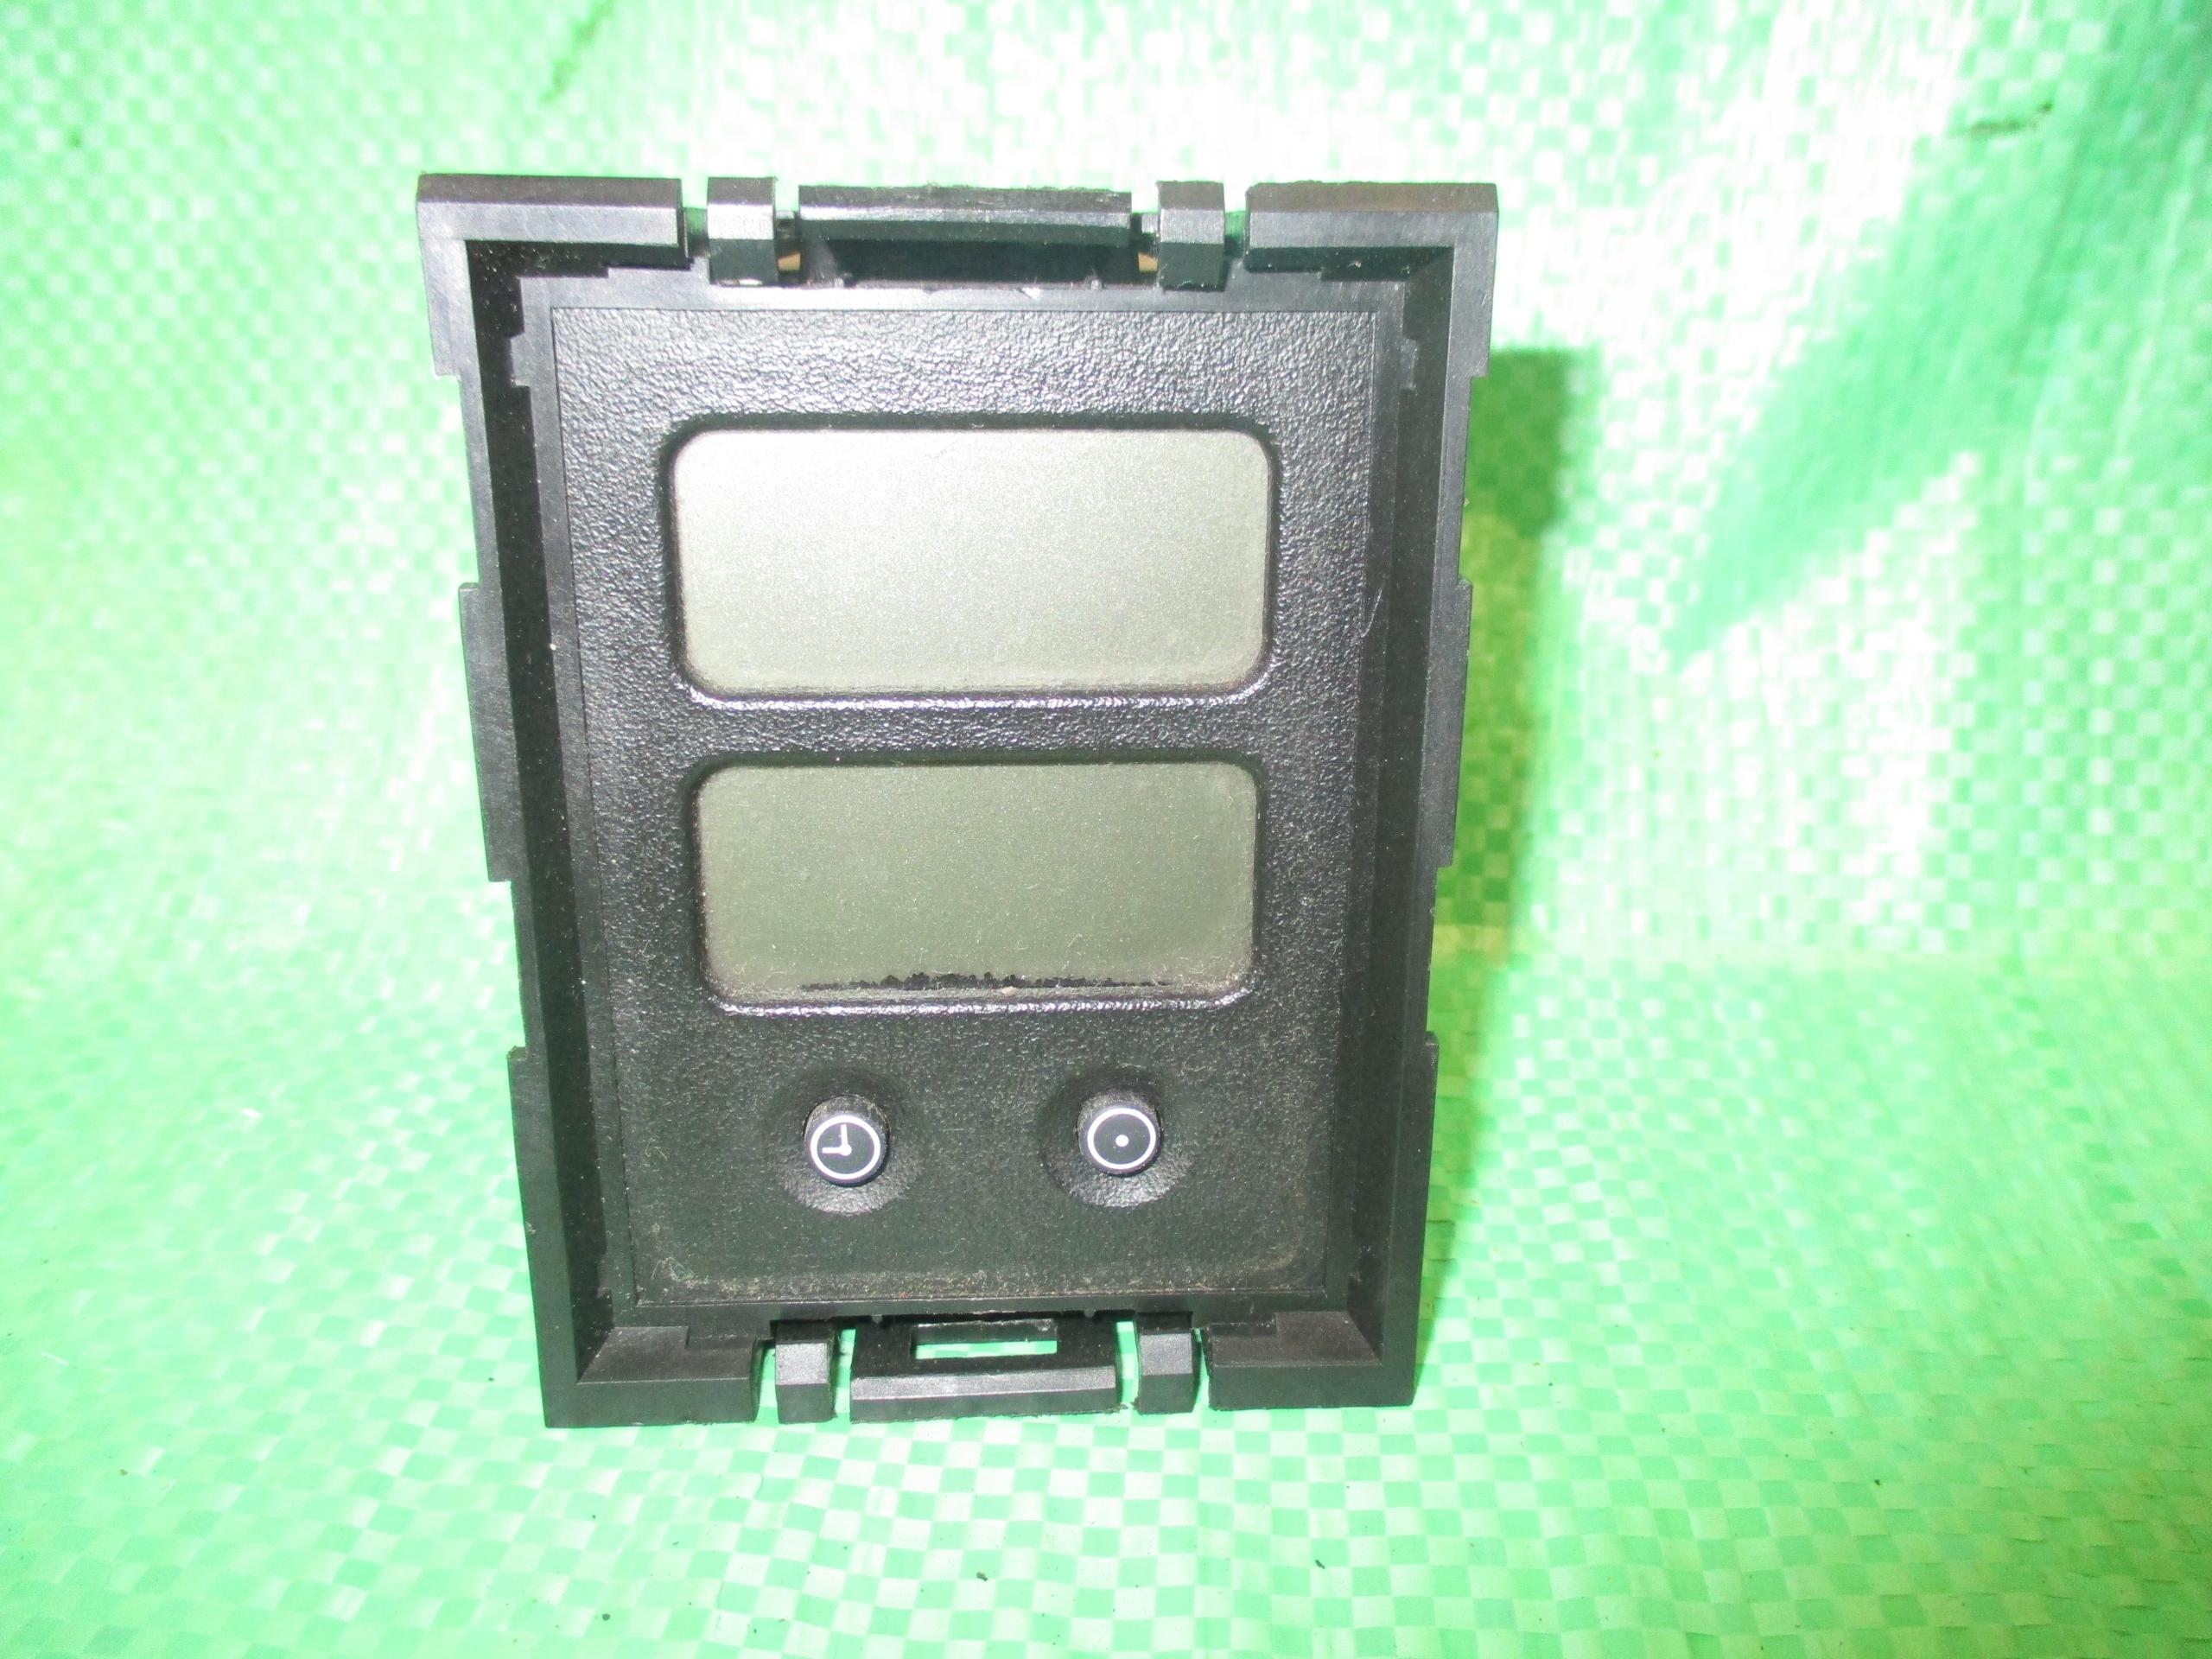 opel vectra а calibra Часы цифровой купить бу по цене 1100 руб. Z18028605 - iZAP24